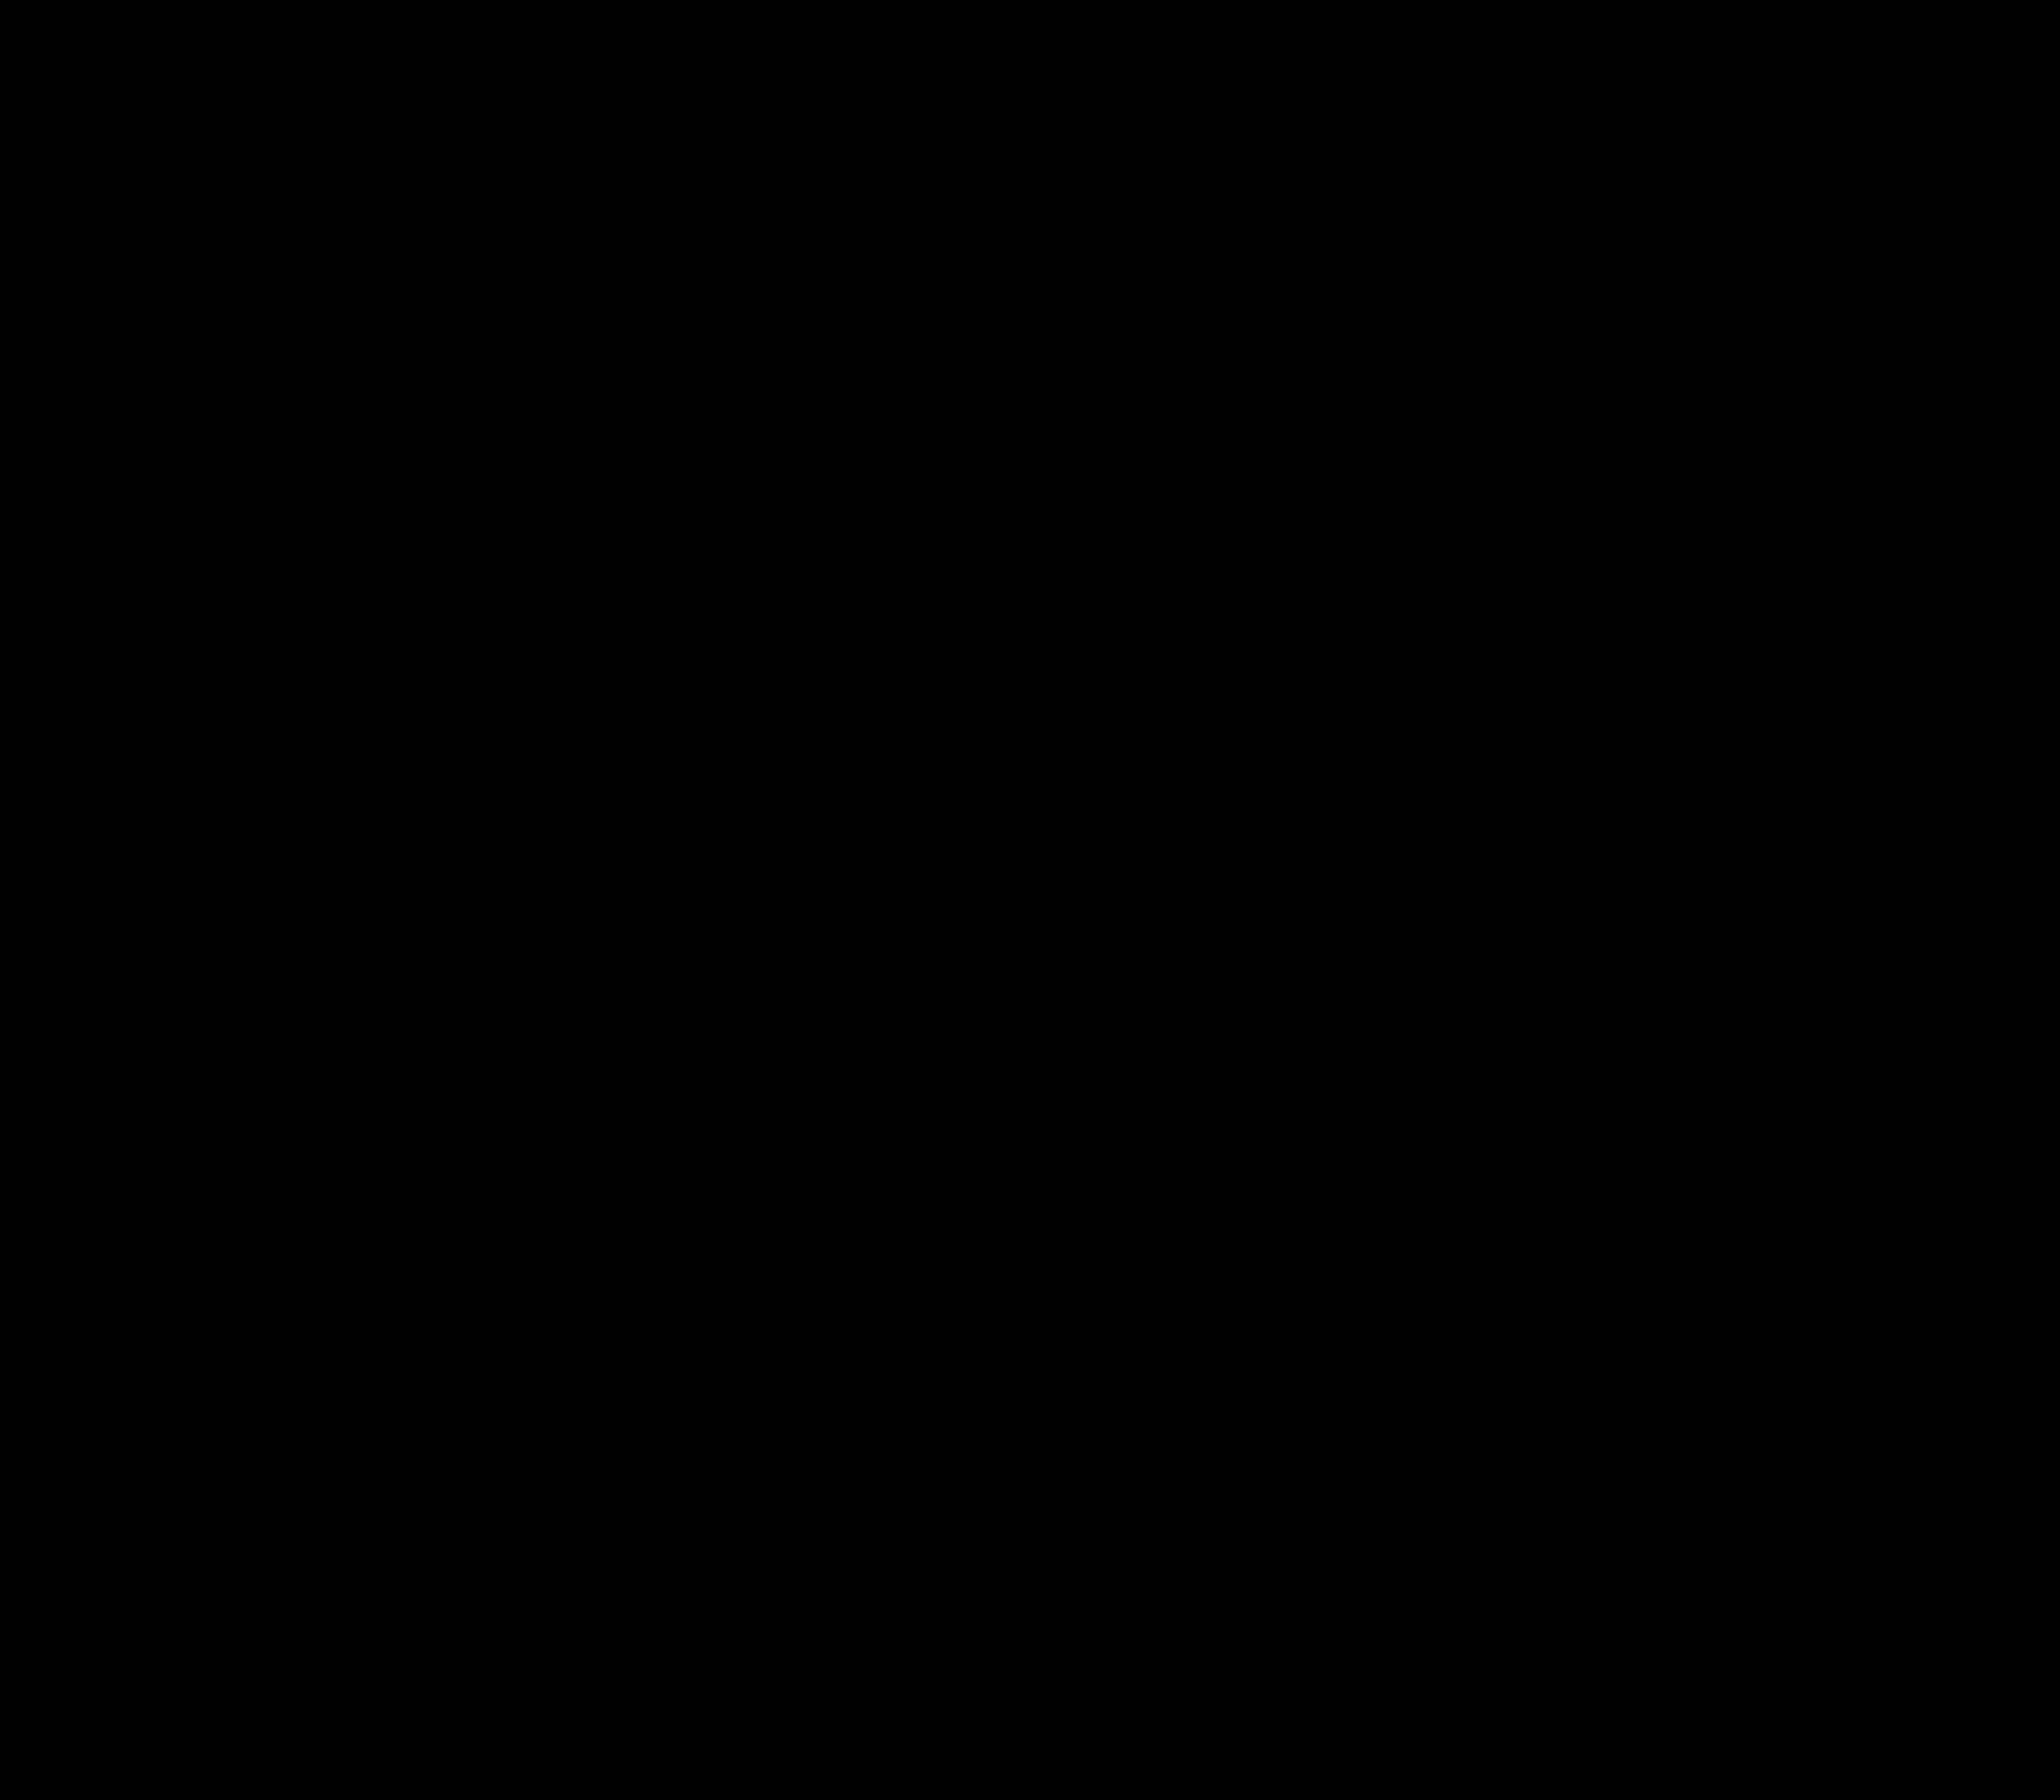 Бдсм аксессуары обозначение